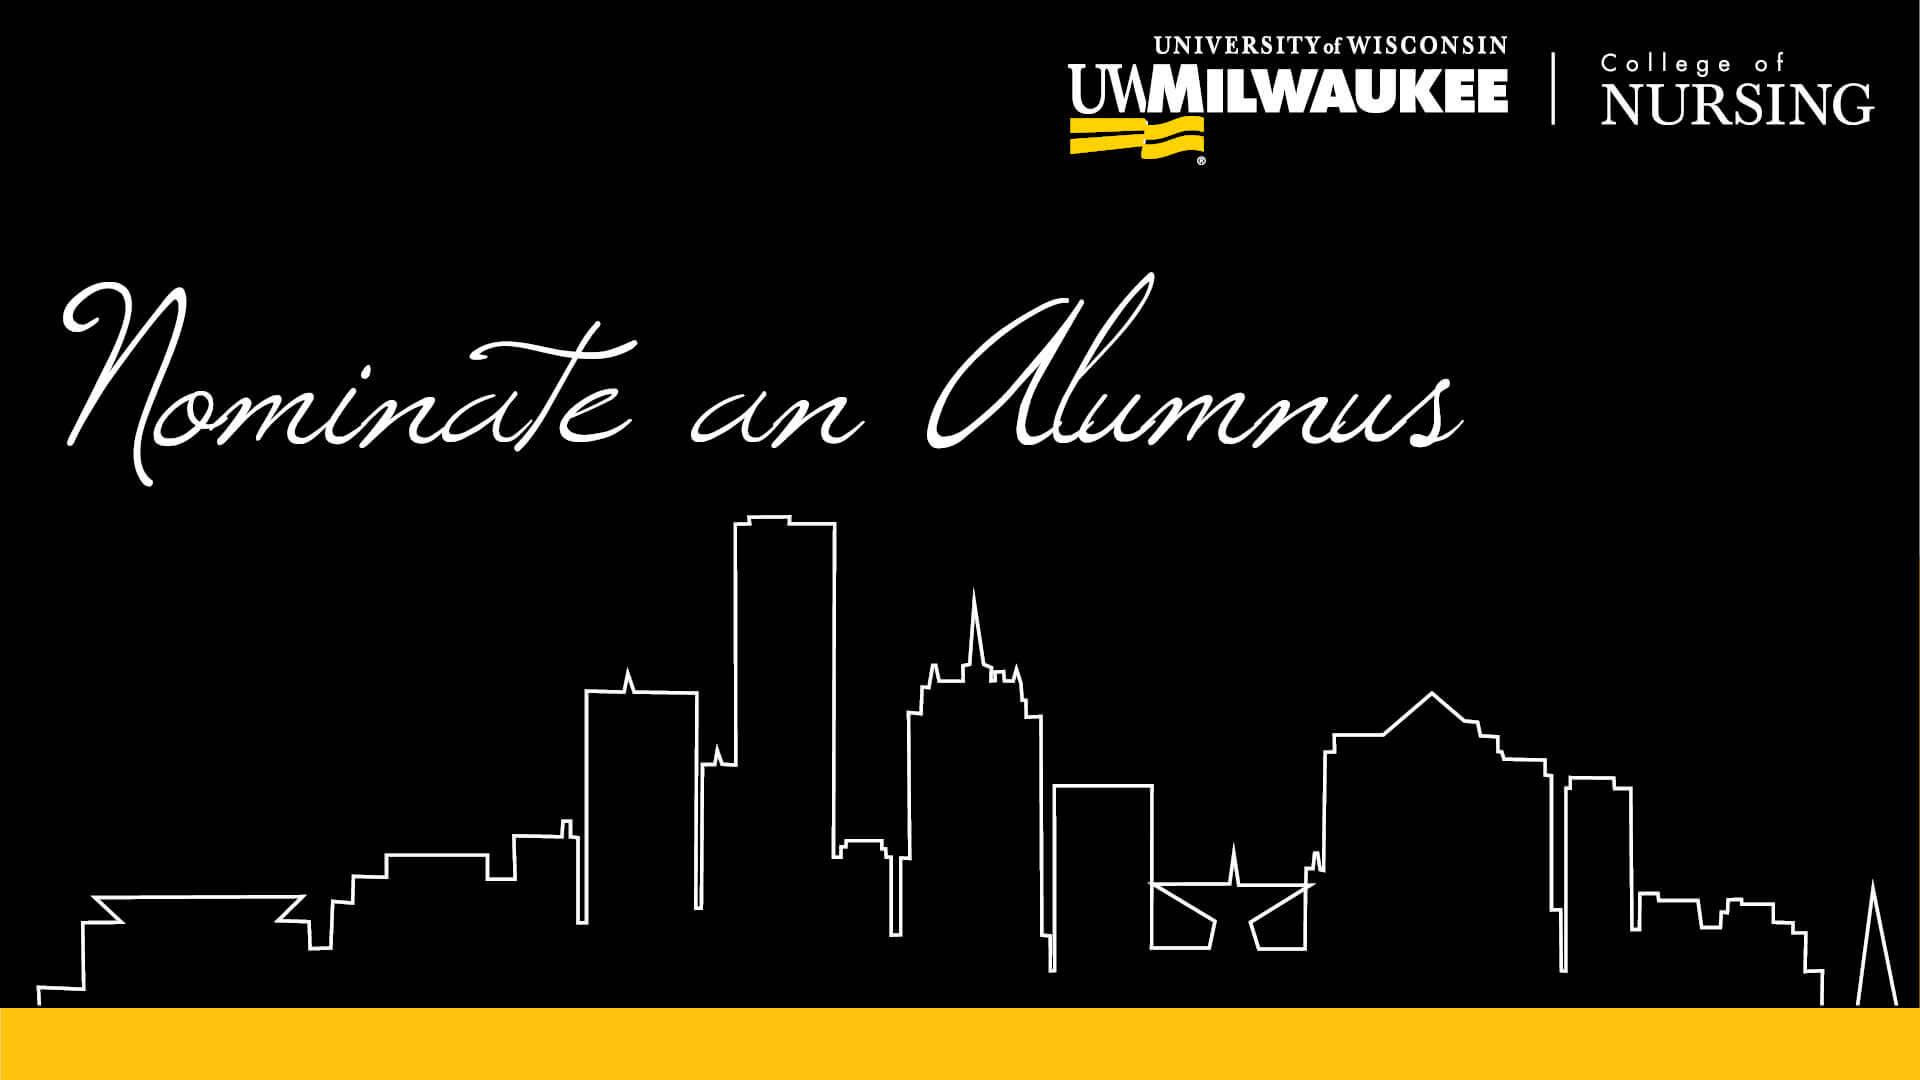 Milwaukee SKyline Nominate an Alumnus